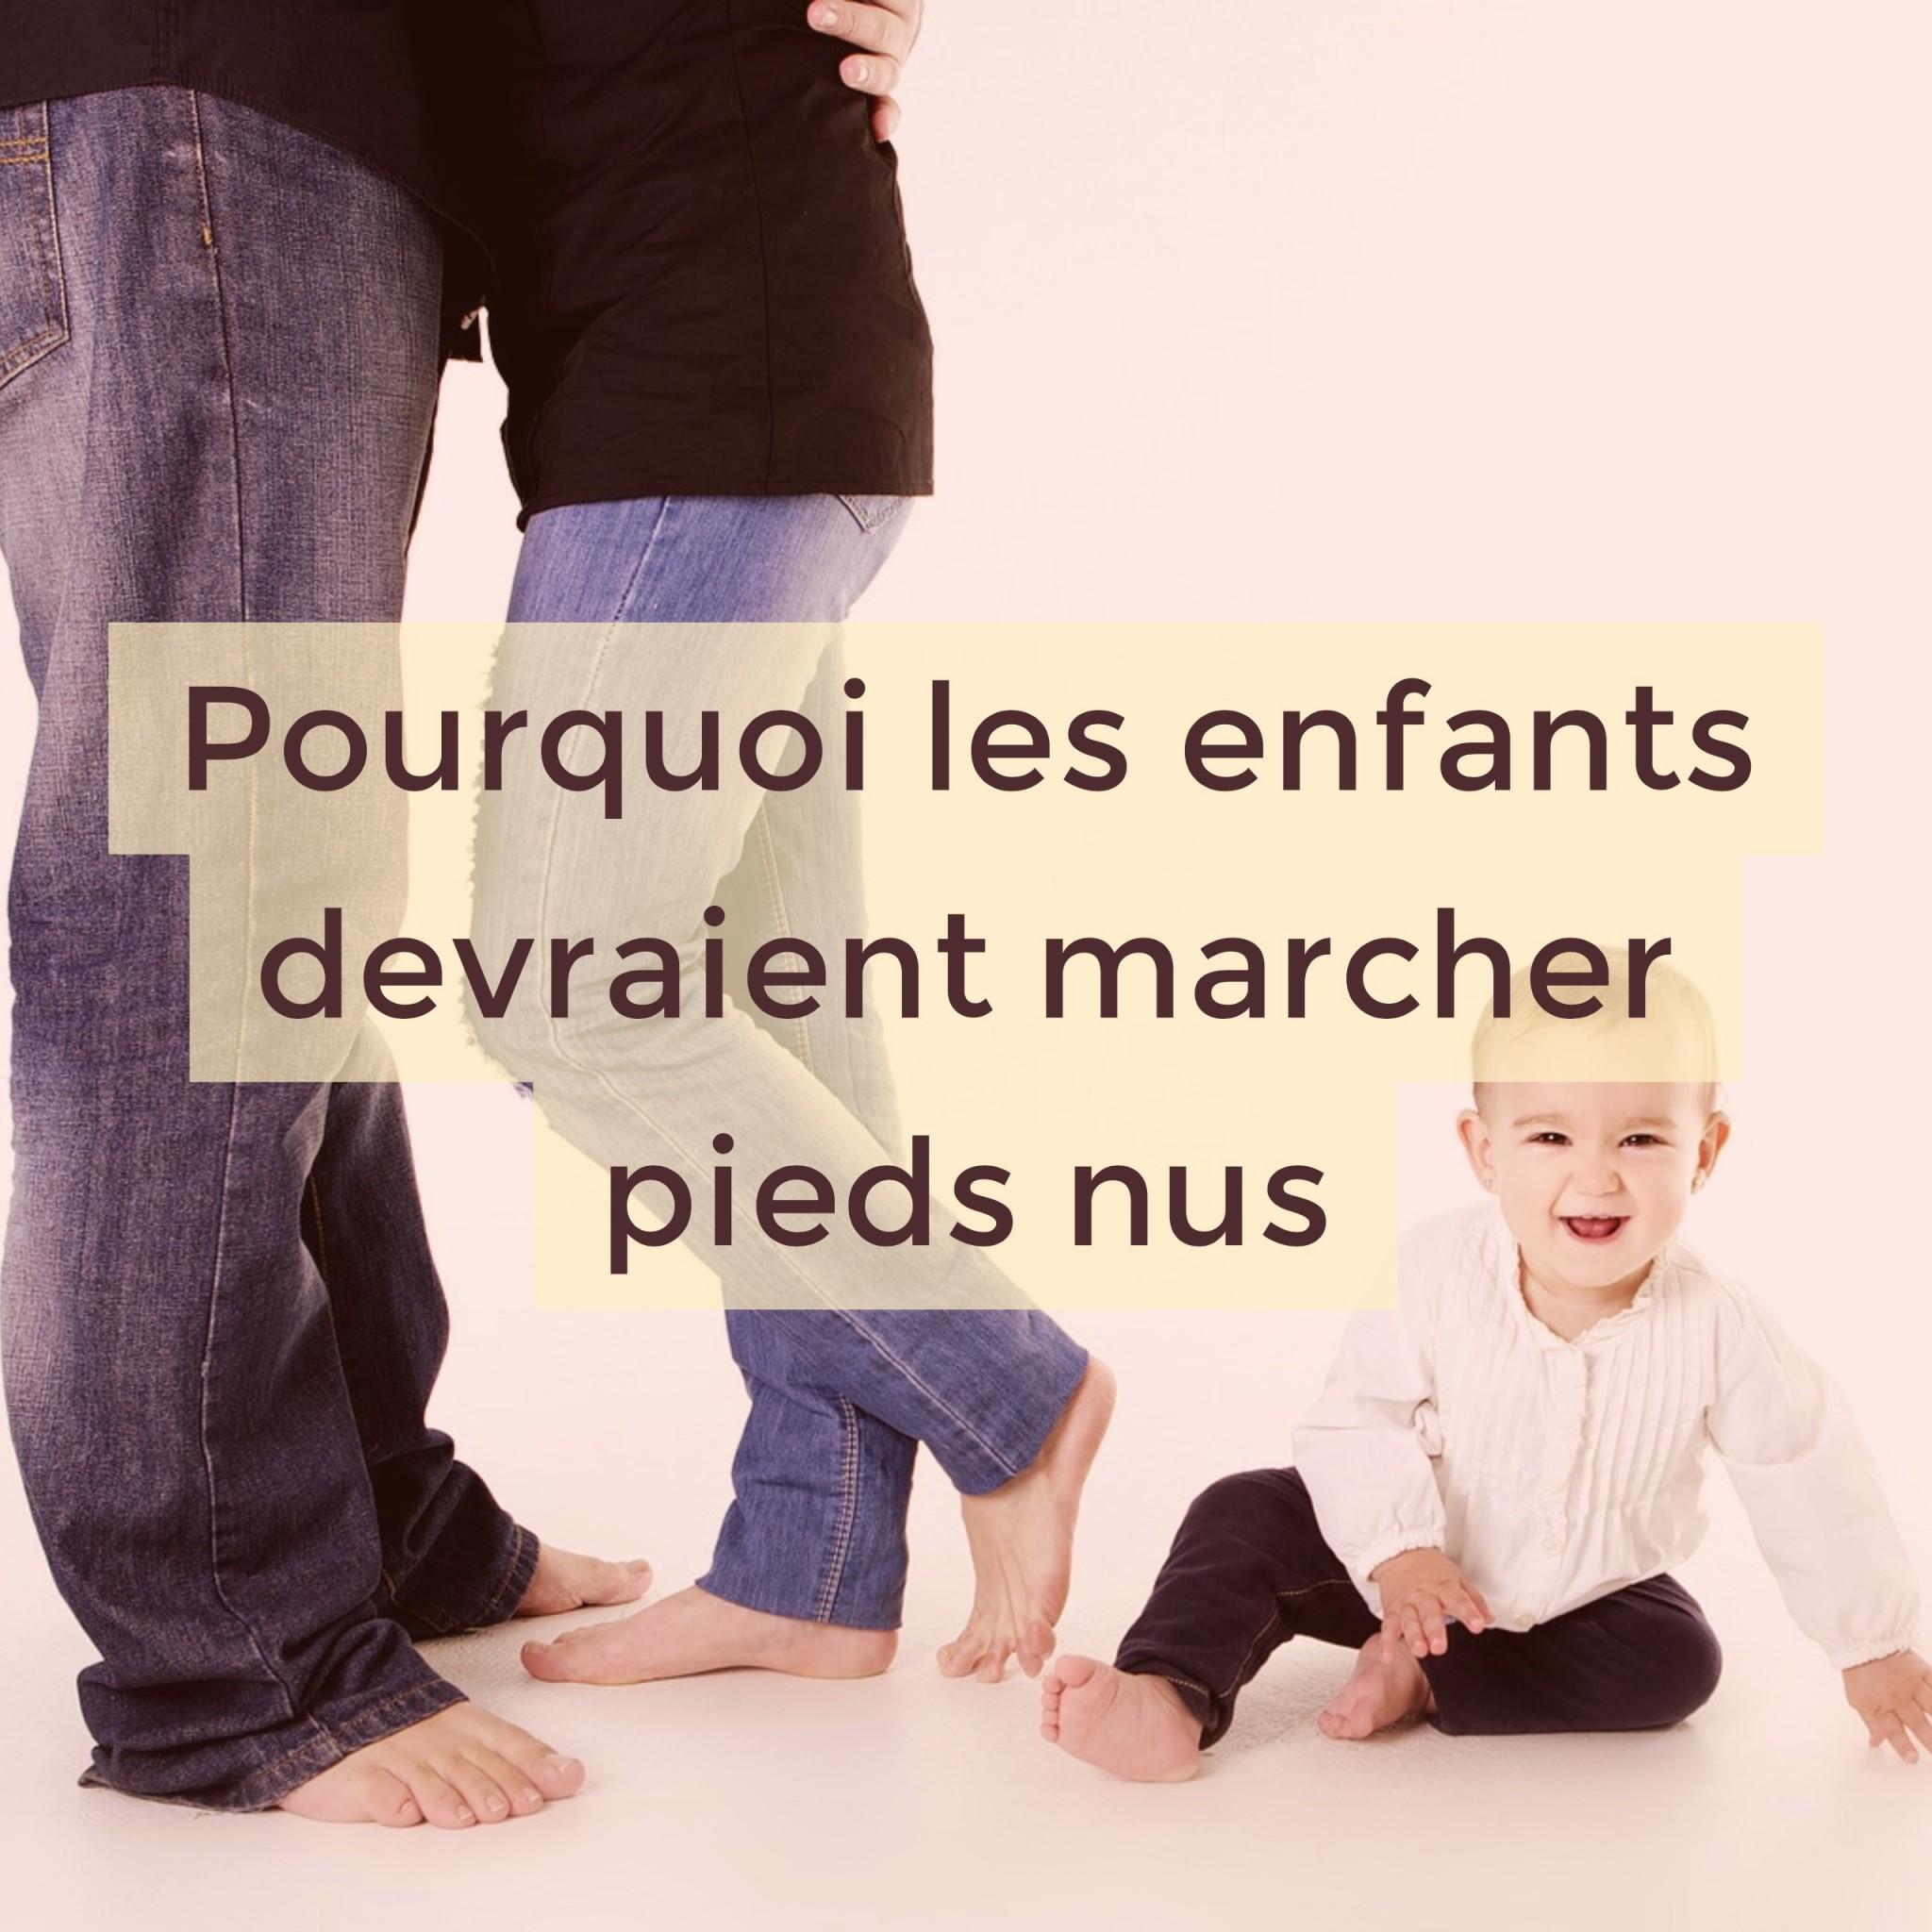 marcher pied nu enfants